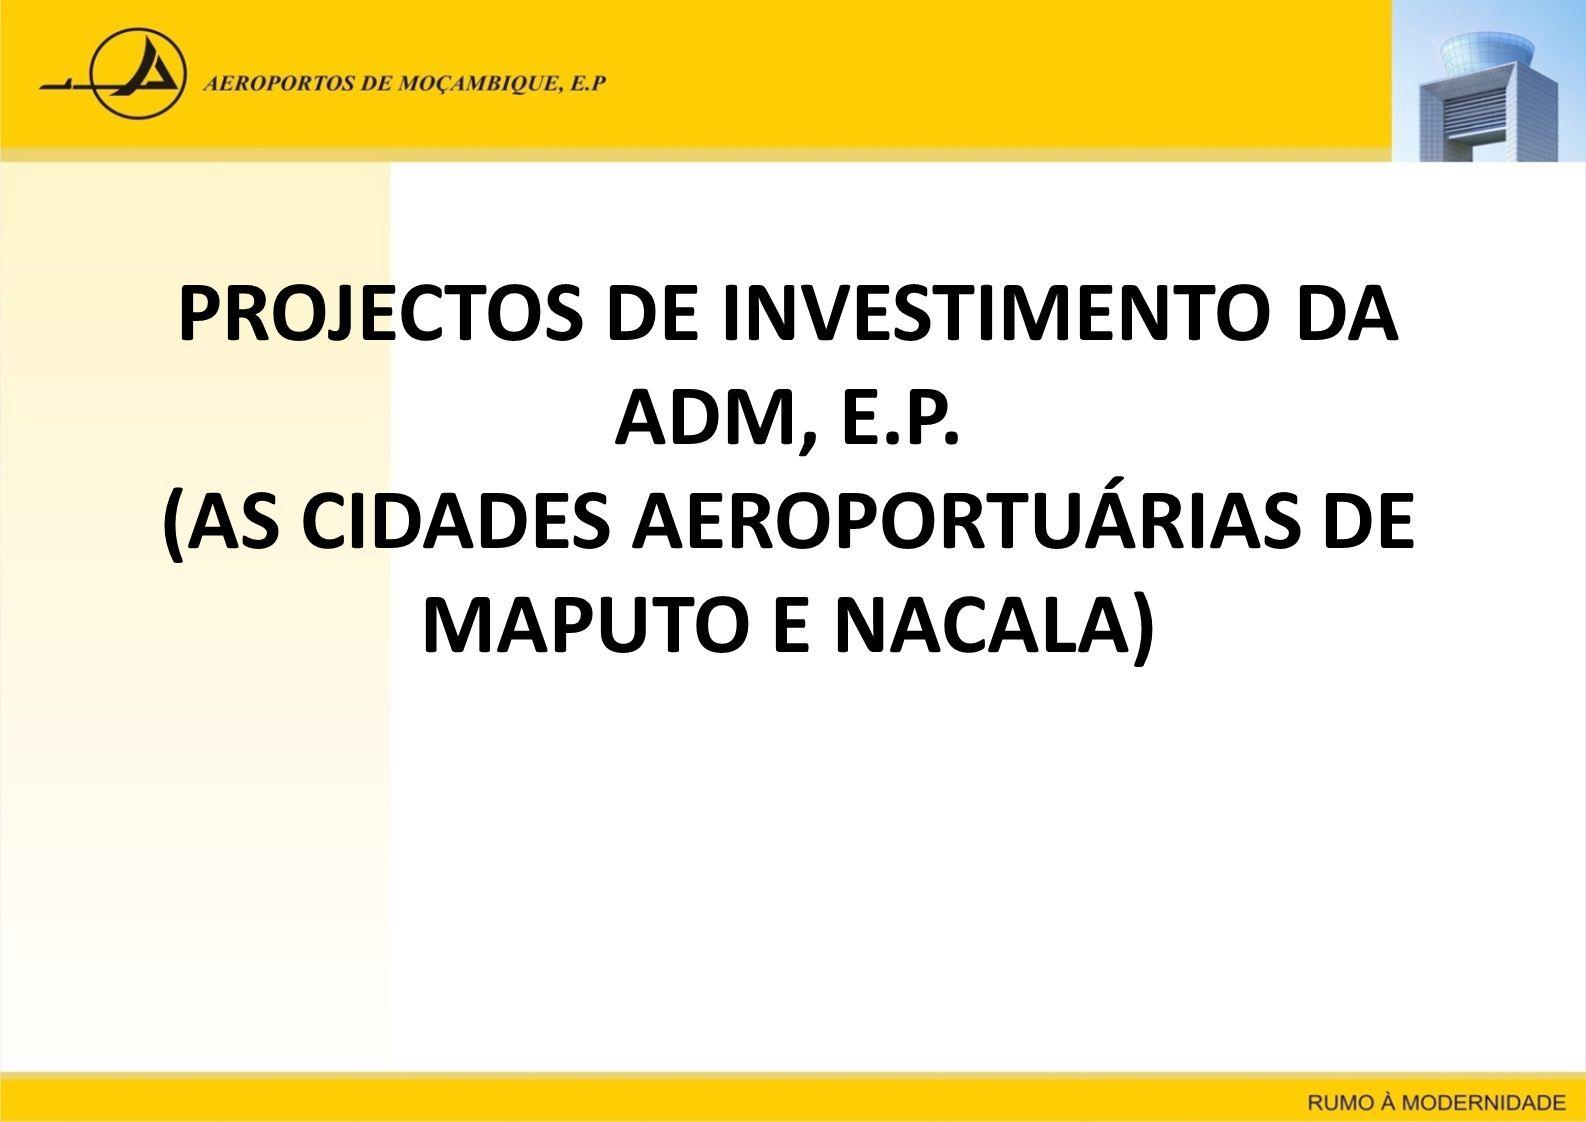 PROJECTOS DE INVESTIMENTO DA ADM, E. P